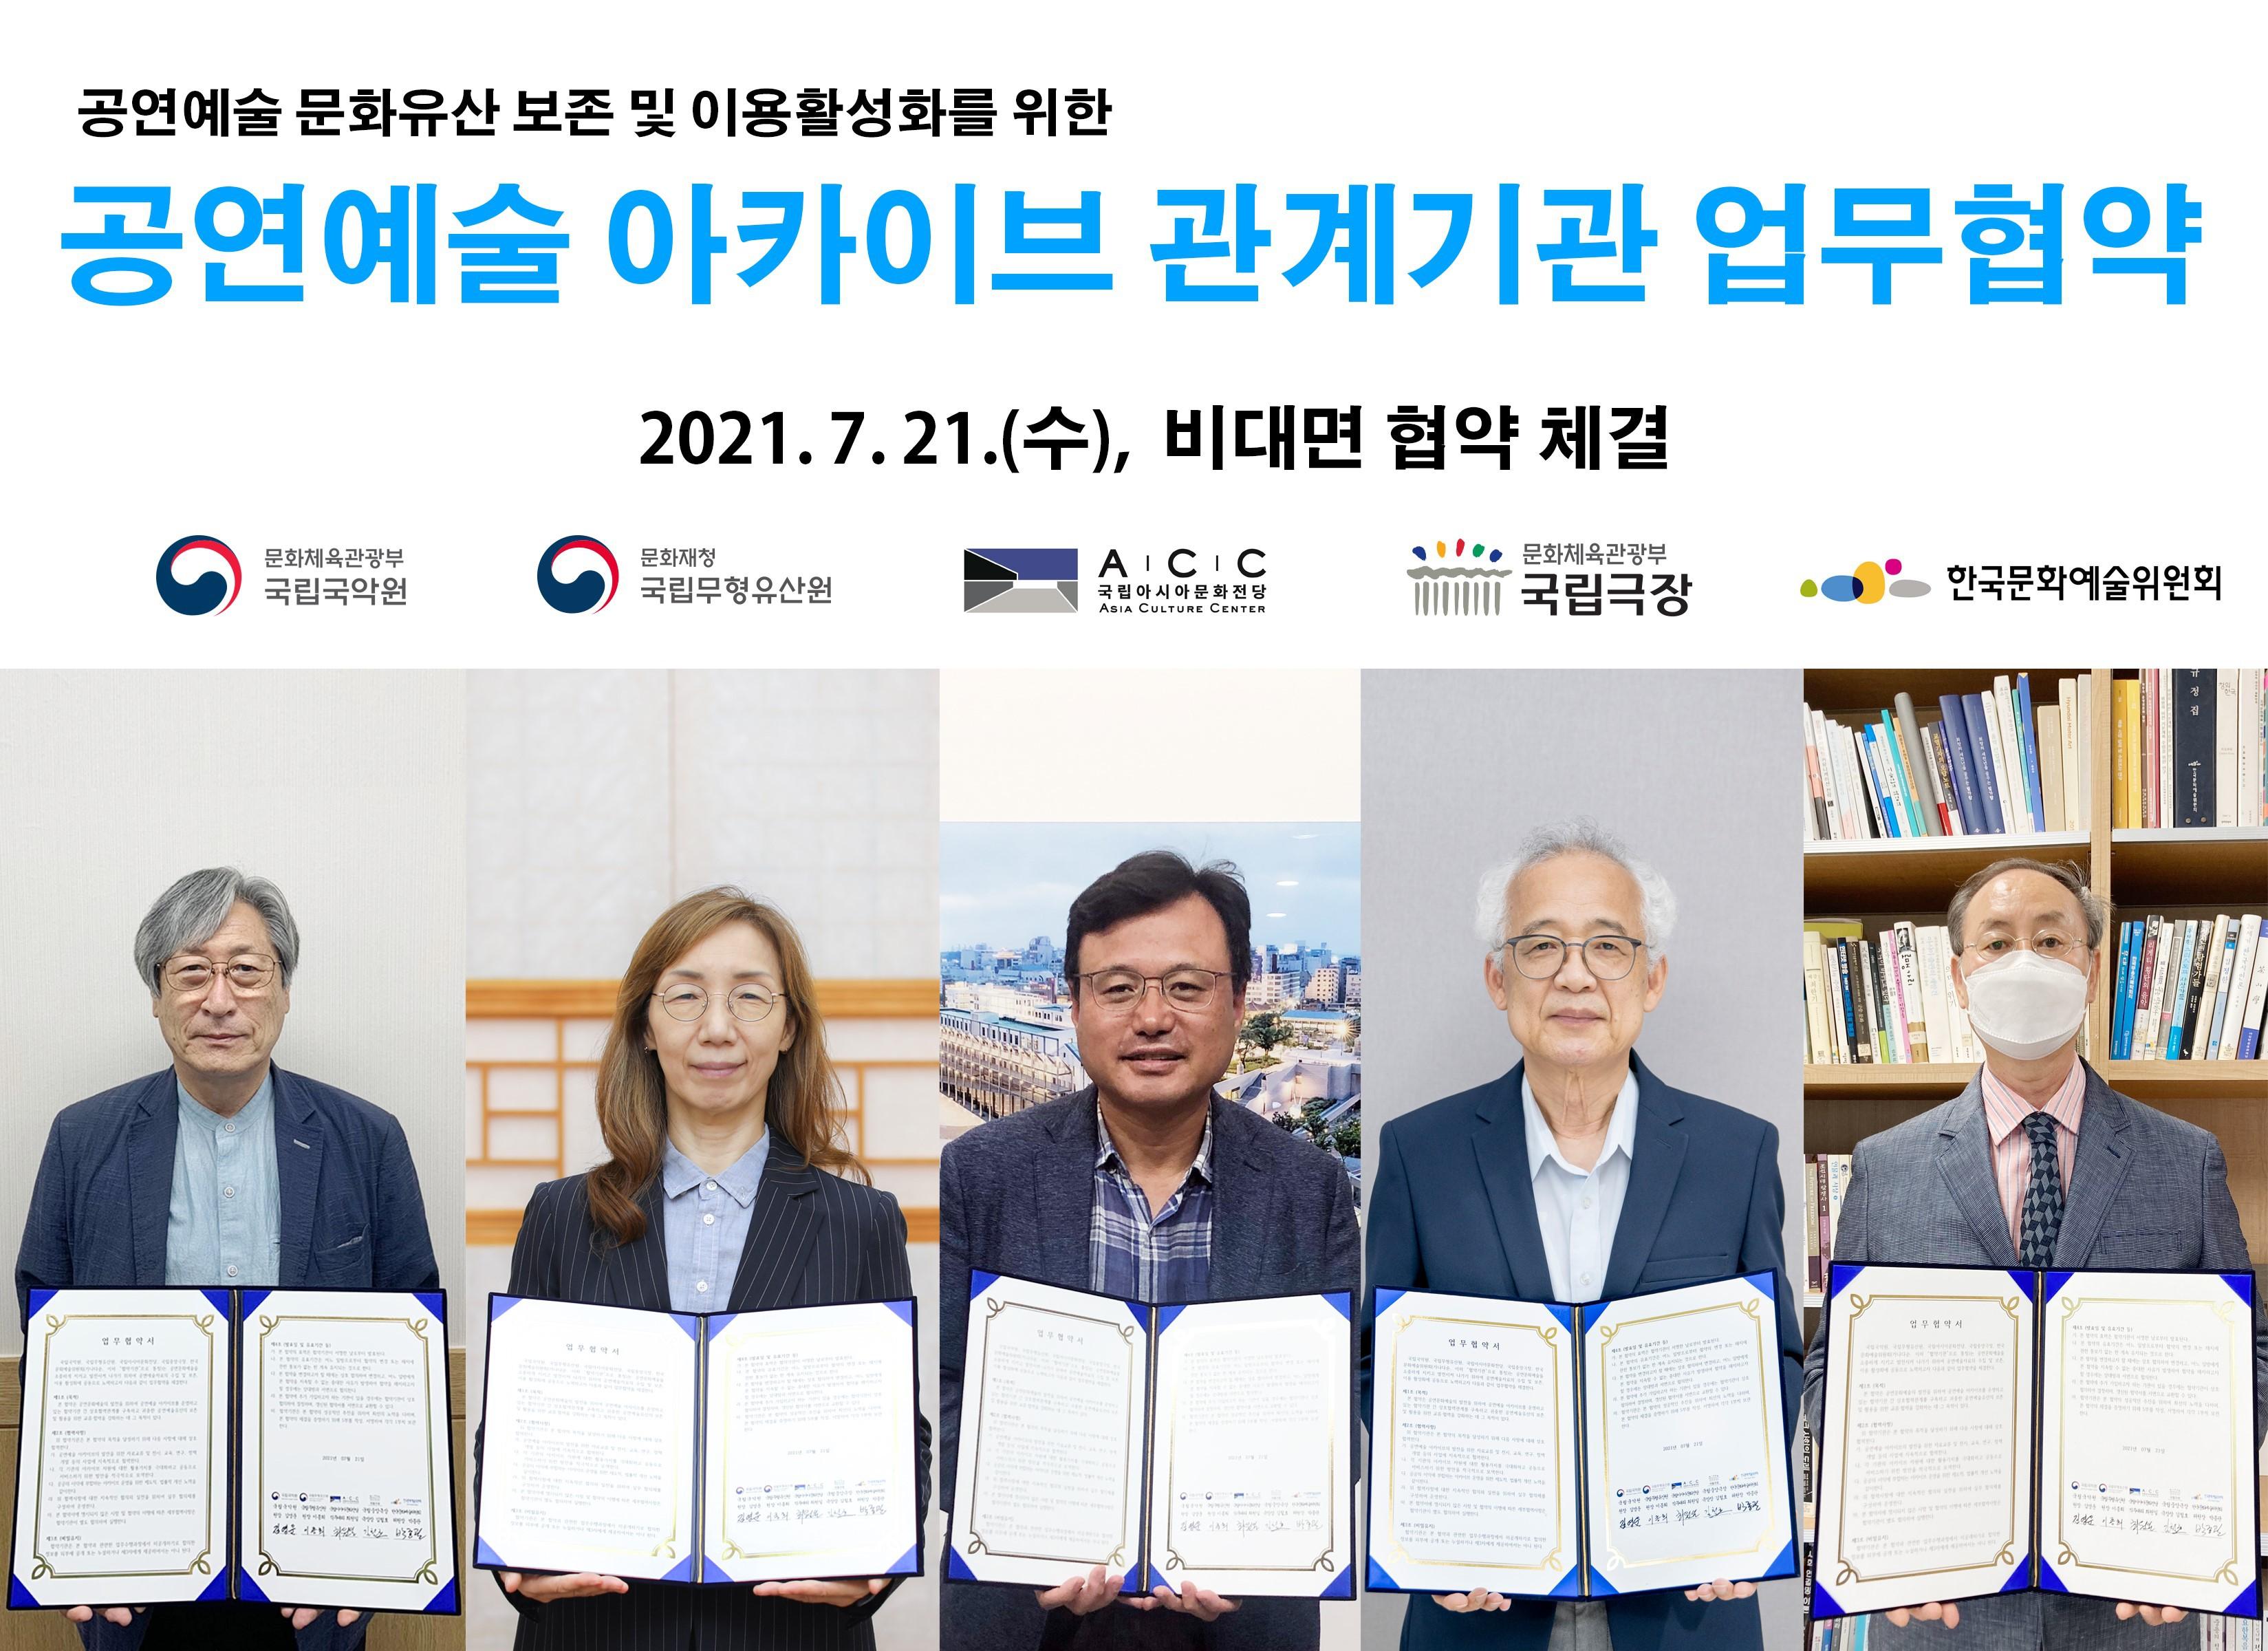 국립극장, 공연예술 아카이브 네트워크 참여 기관 확대 5개 문화예술기관 MOU 체결